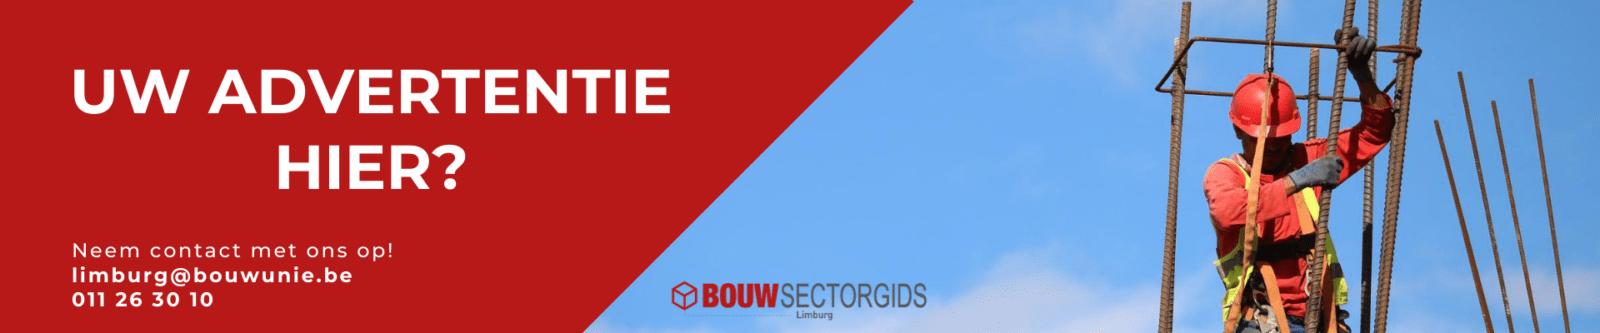 Bouwsectorgids - banner-1920x400px